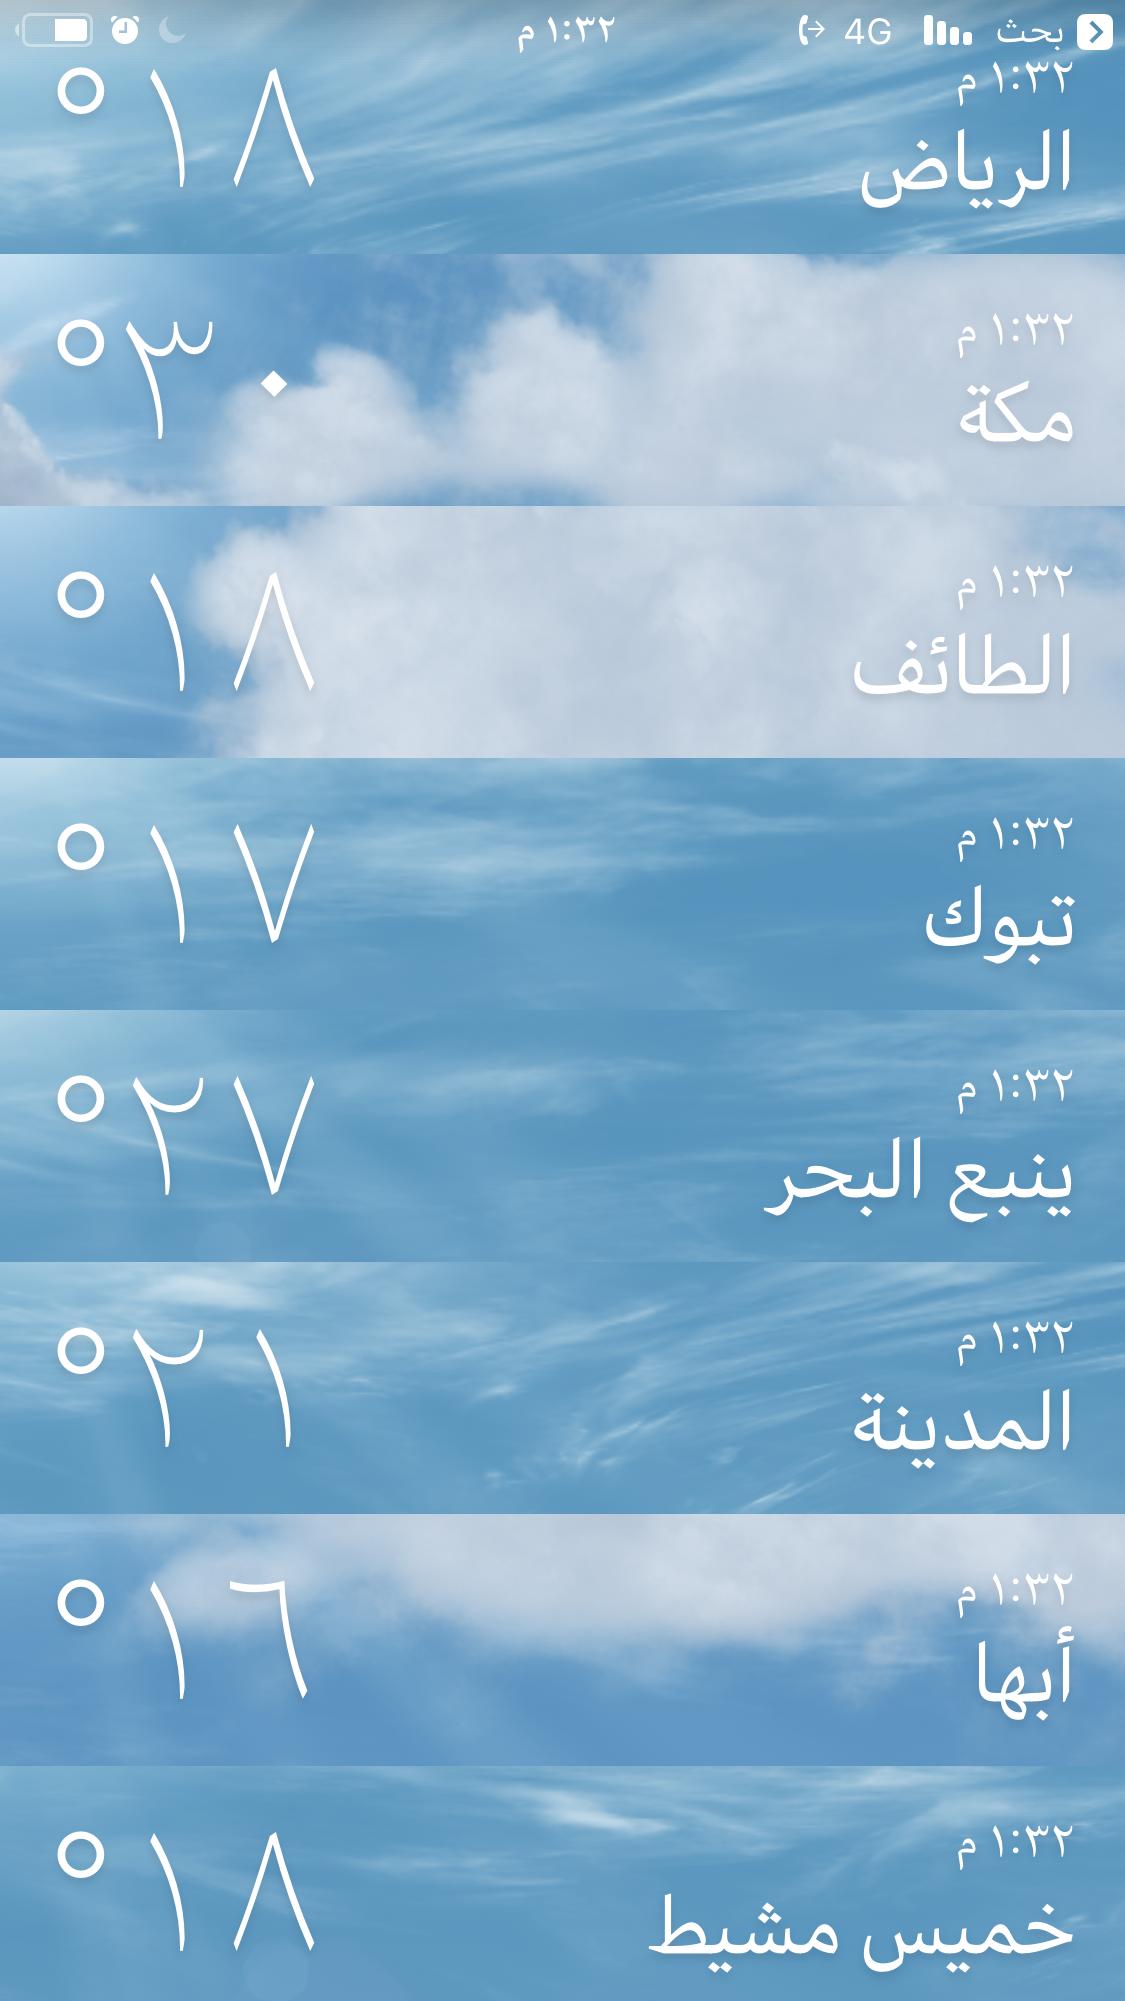 الأرصاد تكشف عن حالة الطقس ودرجات الحرارة المتوقعة خلال الساعات القادمة صحيفة للتو الإلكترونية